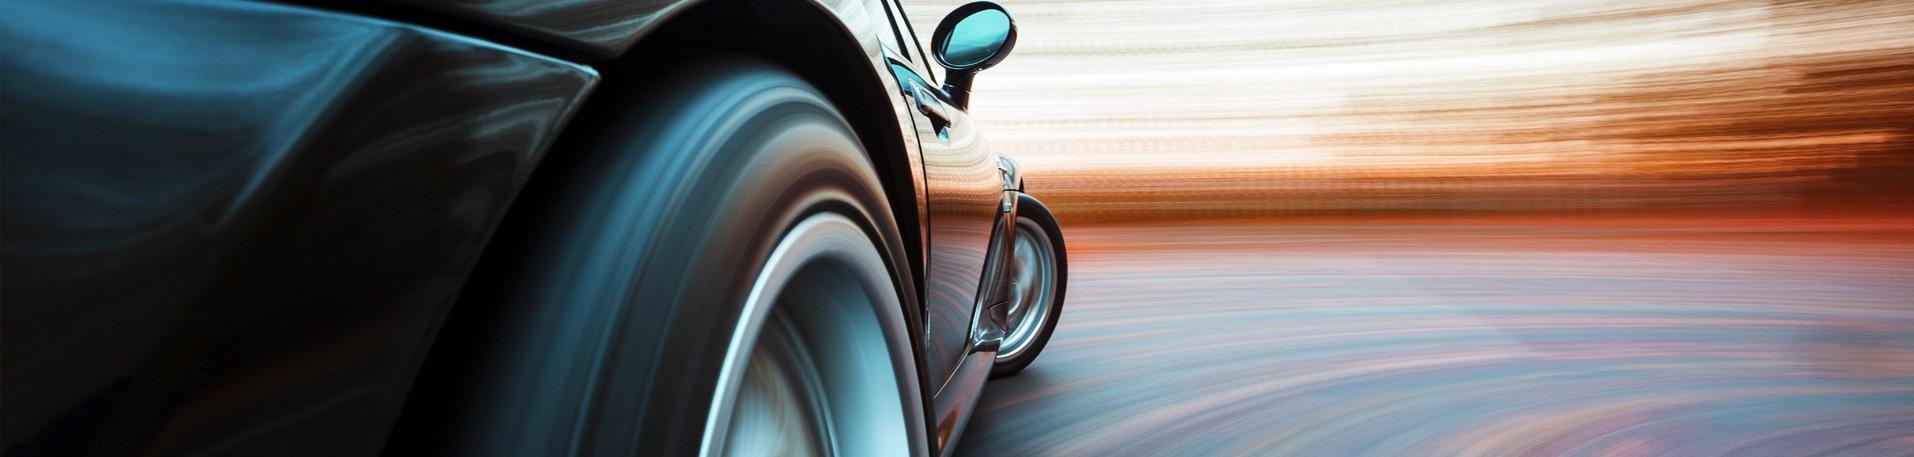 autonomous cars blog banner